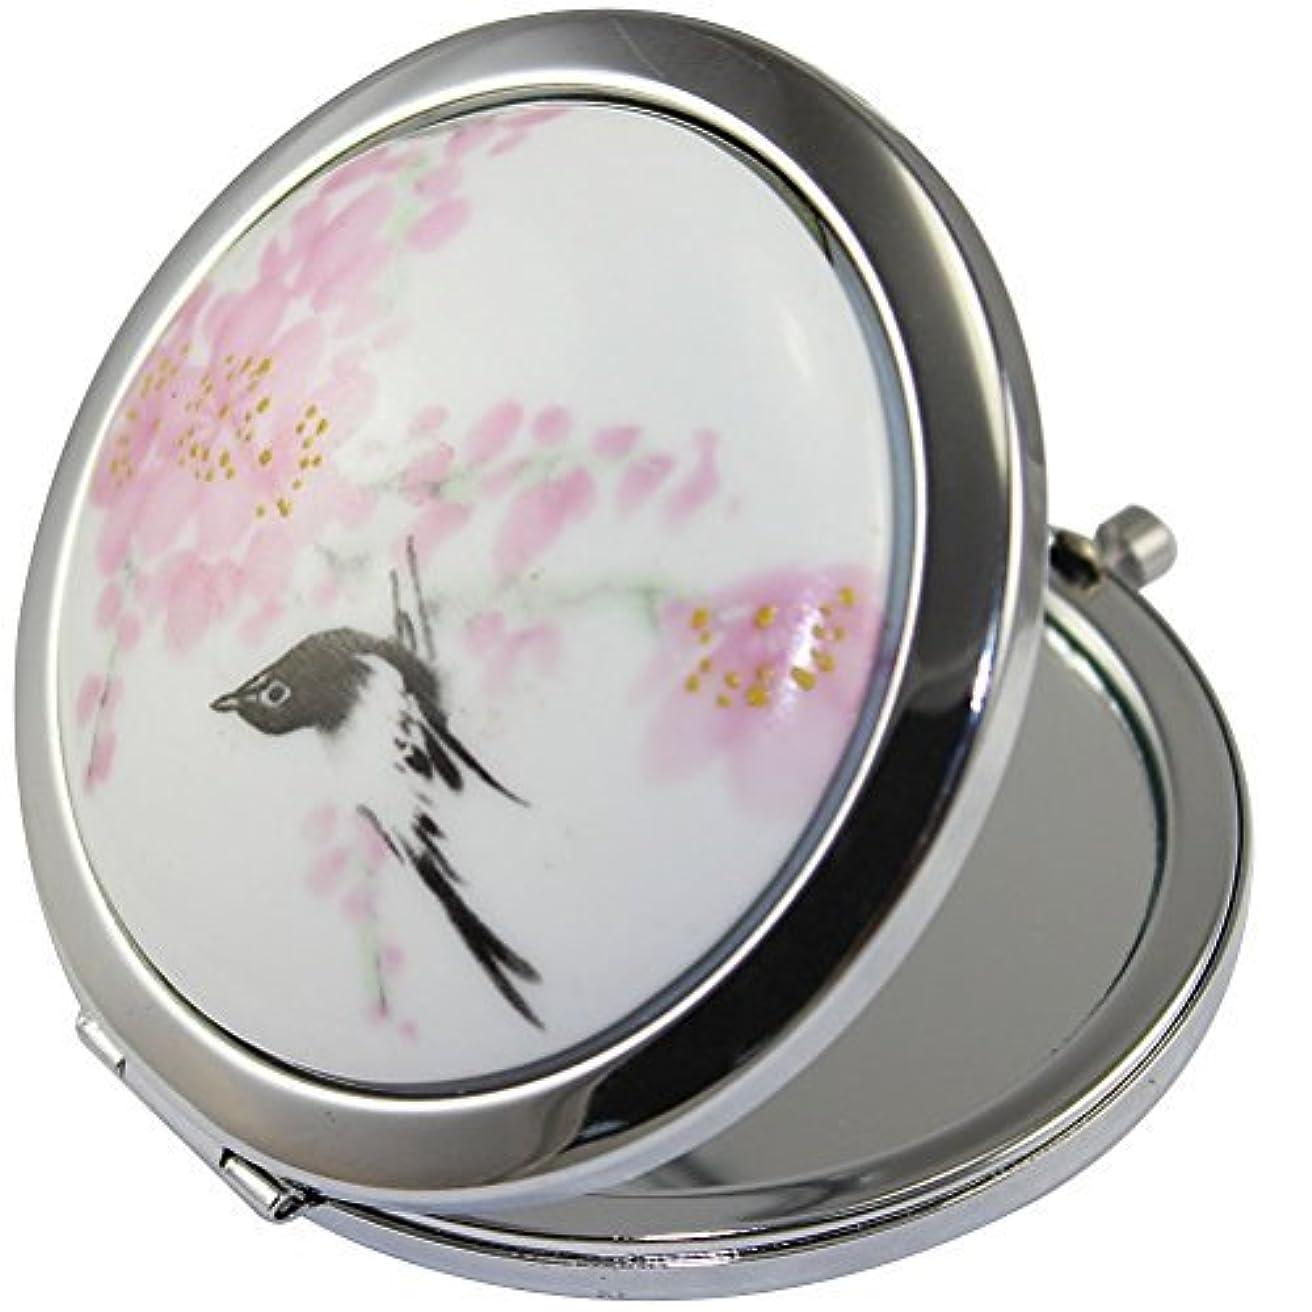 パドルパステルコークスKOLIGHT新しいヴィンテージ中国の風景フラワーバードダブルサイド(一つはノーマル、もう一つは拡大)Portable Foldable Pocket MetalメイクコンパクトミラーWoman Cosmetic Mirror(Flower + Black Bird)